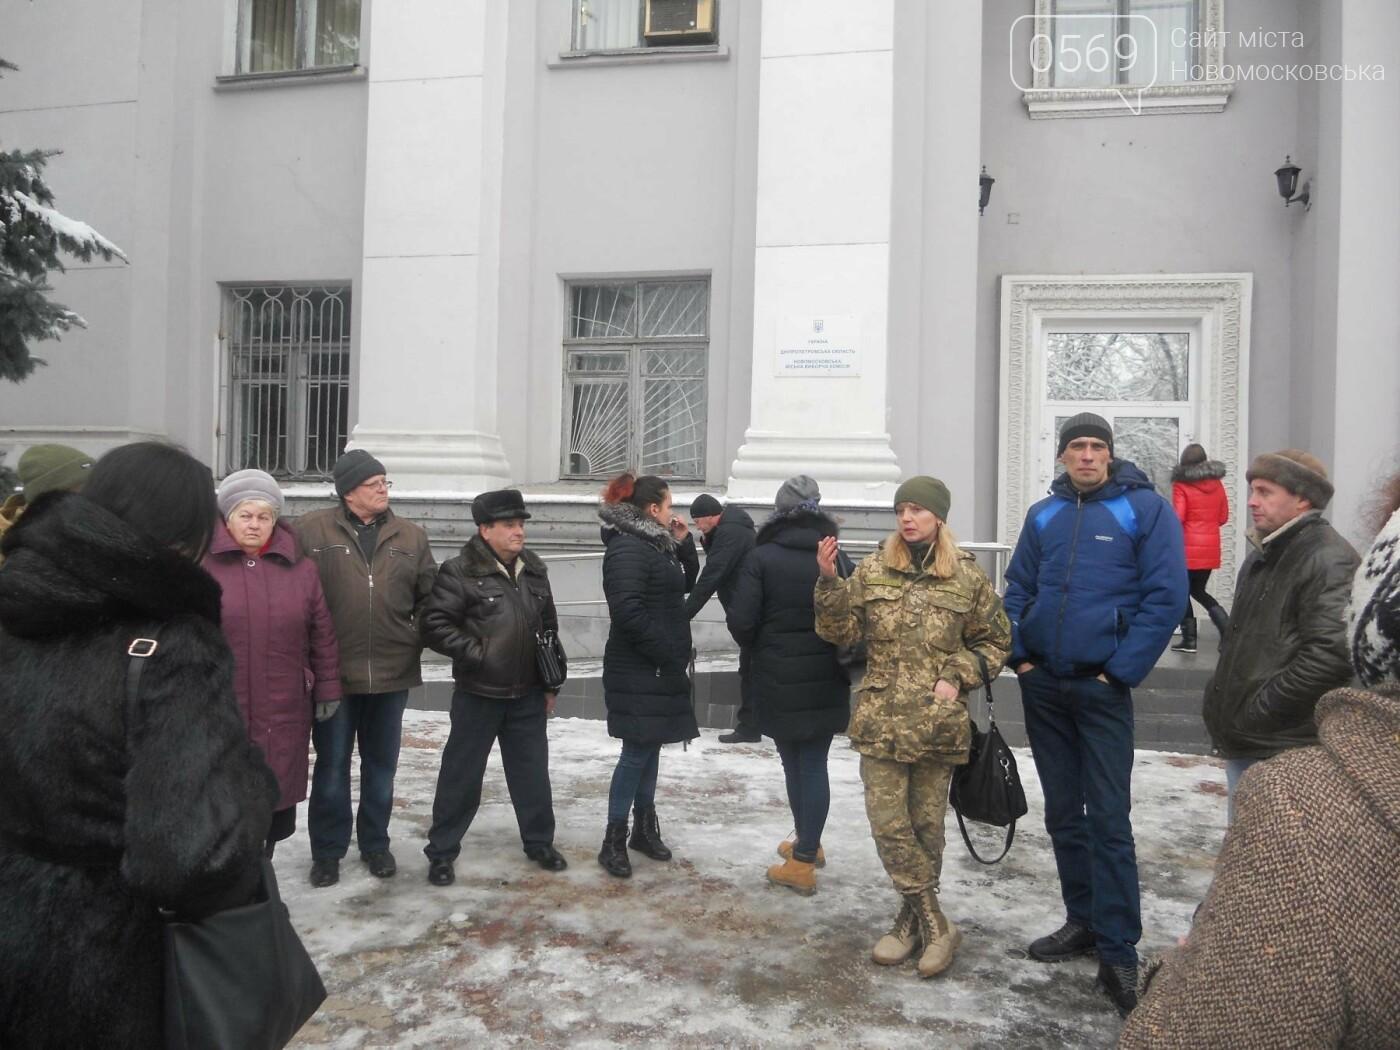 В Новомосковську вимагали нарешті встановити меморіал загиблим в АТО , фото-1